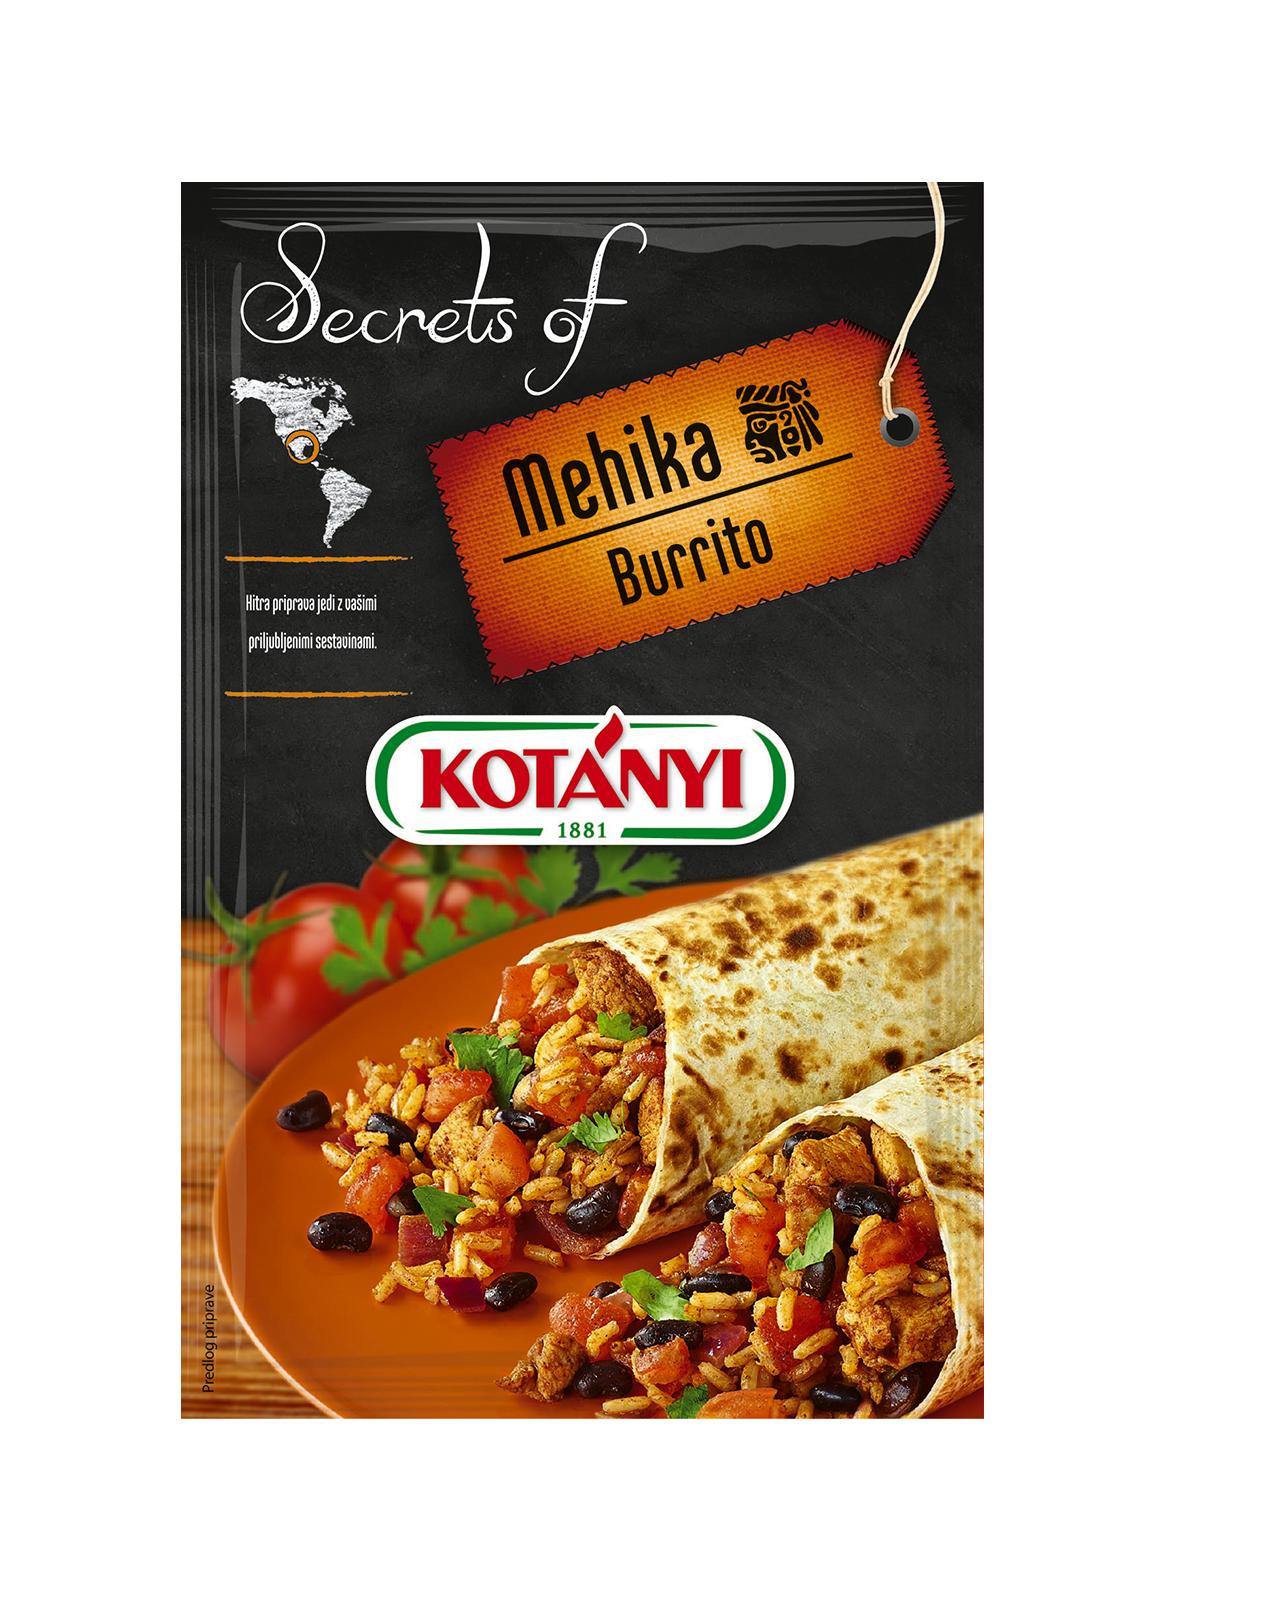 350006 Kotanyi Secrets Of Mehika Burrito B2c Pouch